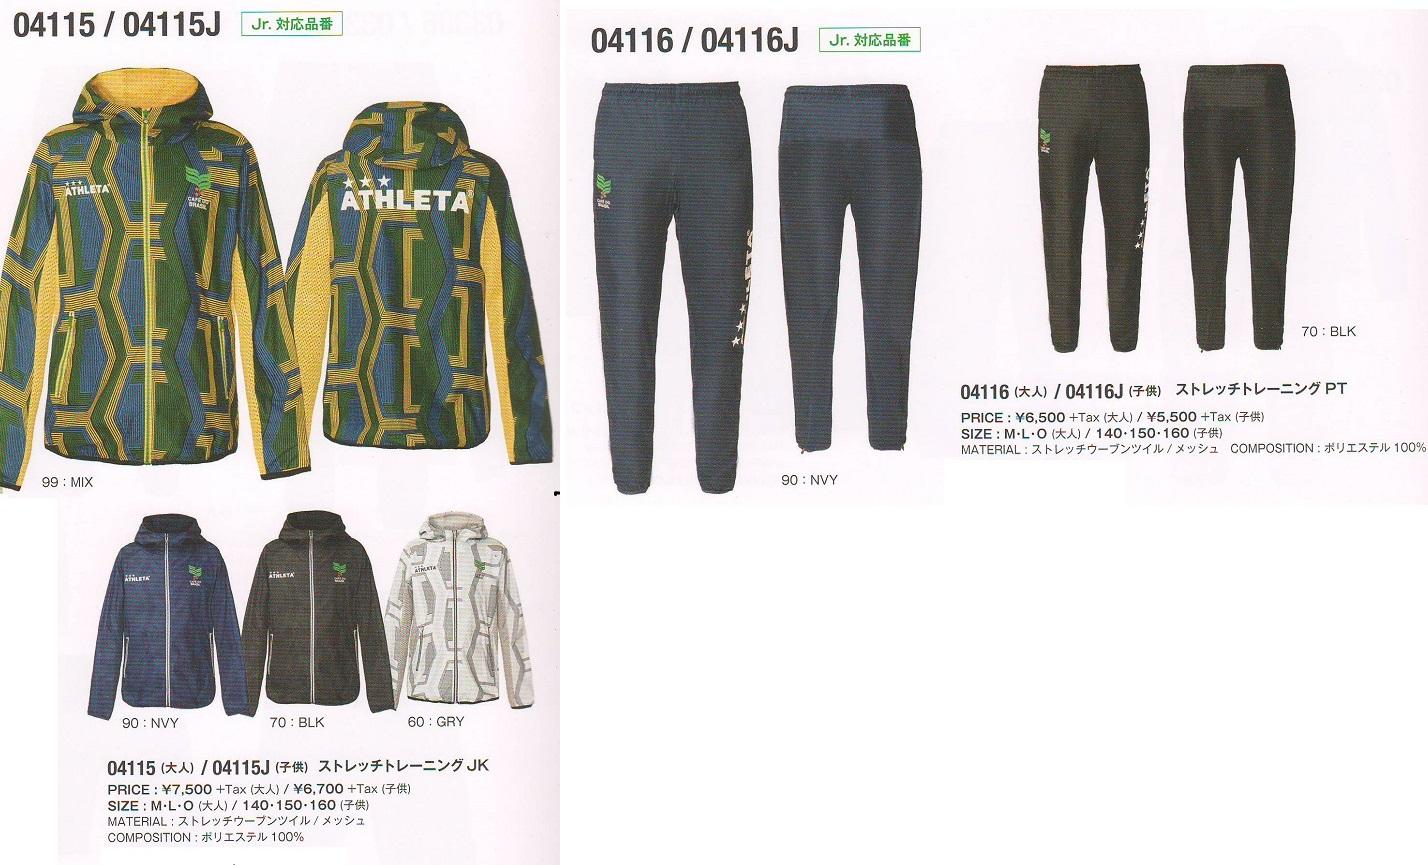 アスレタ 2018SS STYLE-04115-04116 ストレッチ トレーニング ジャケット・パンツ 上下セット